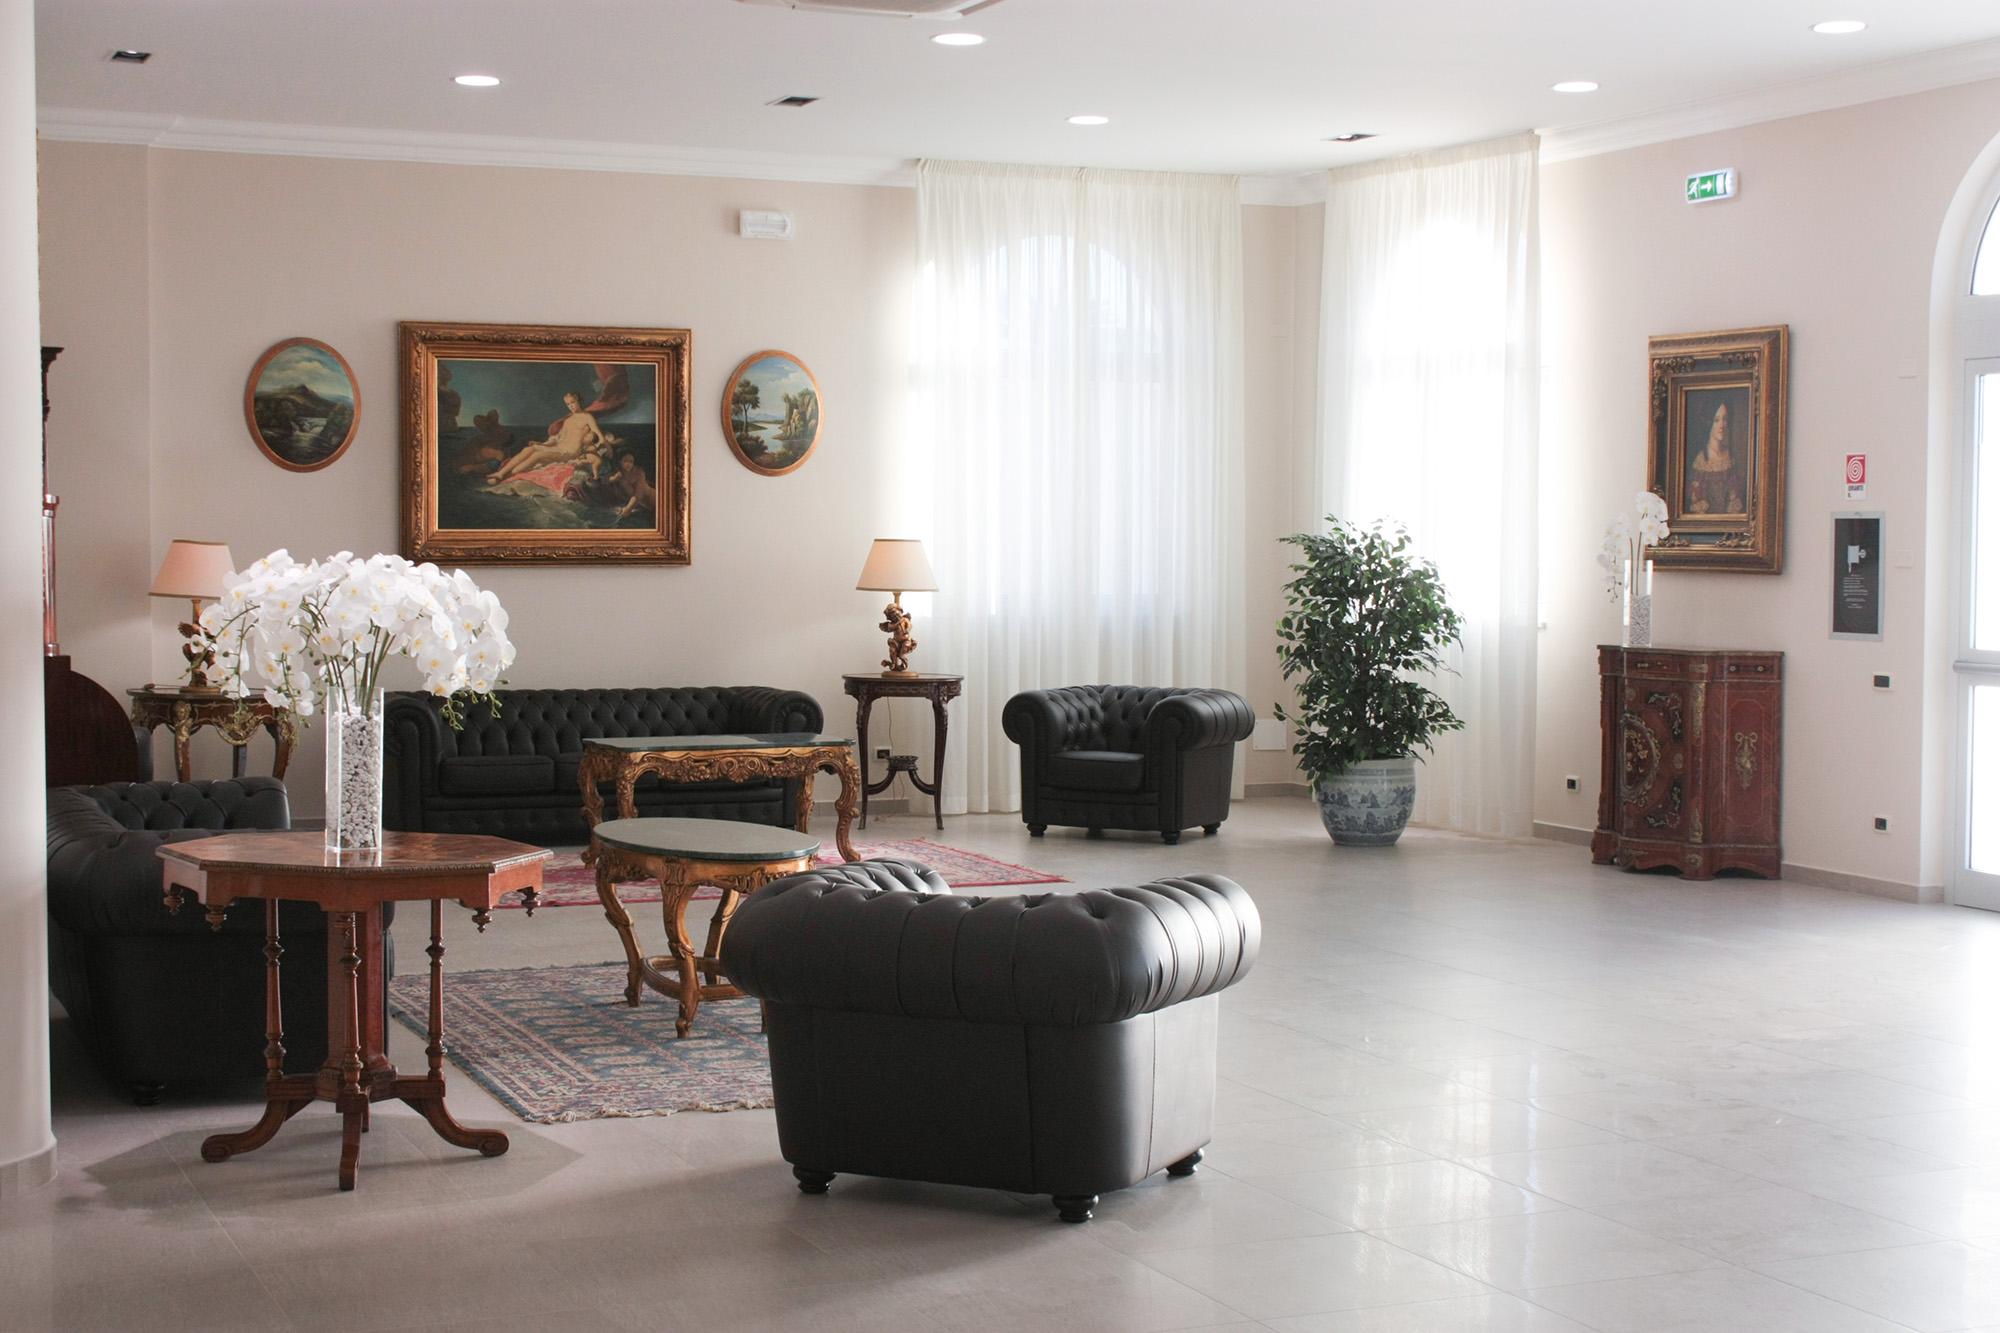 Palazzo mariano rsa casa di riposo e ospitalit per anziani for Piani di casa di palazzo